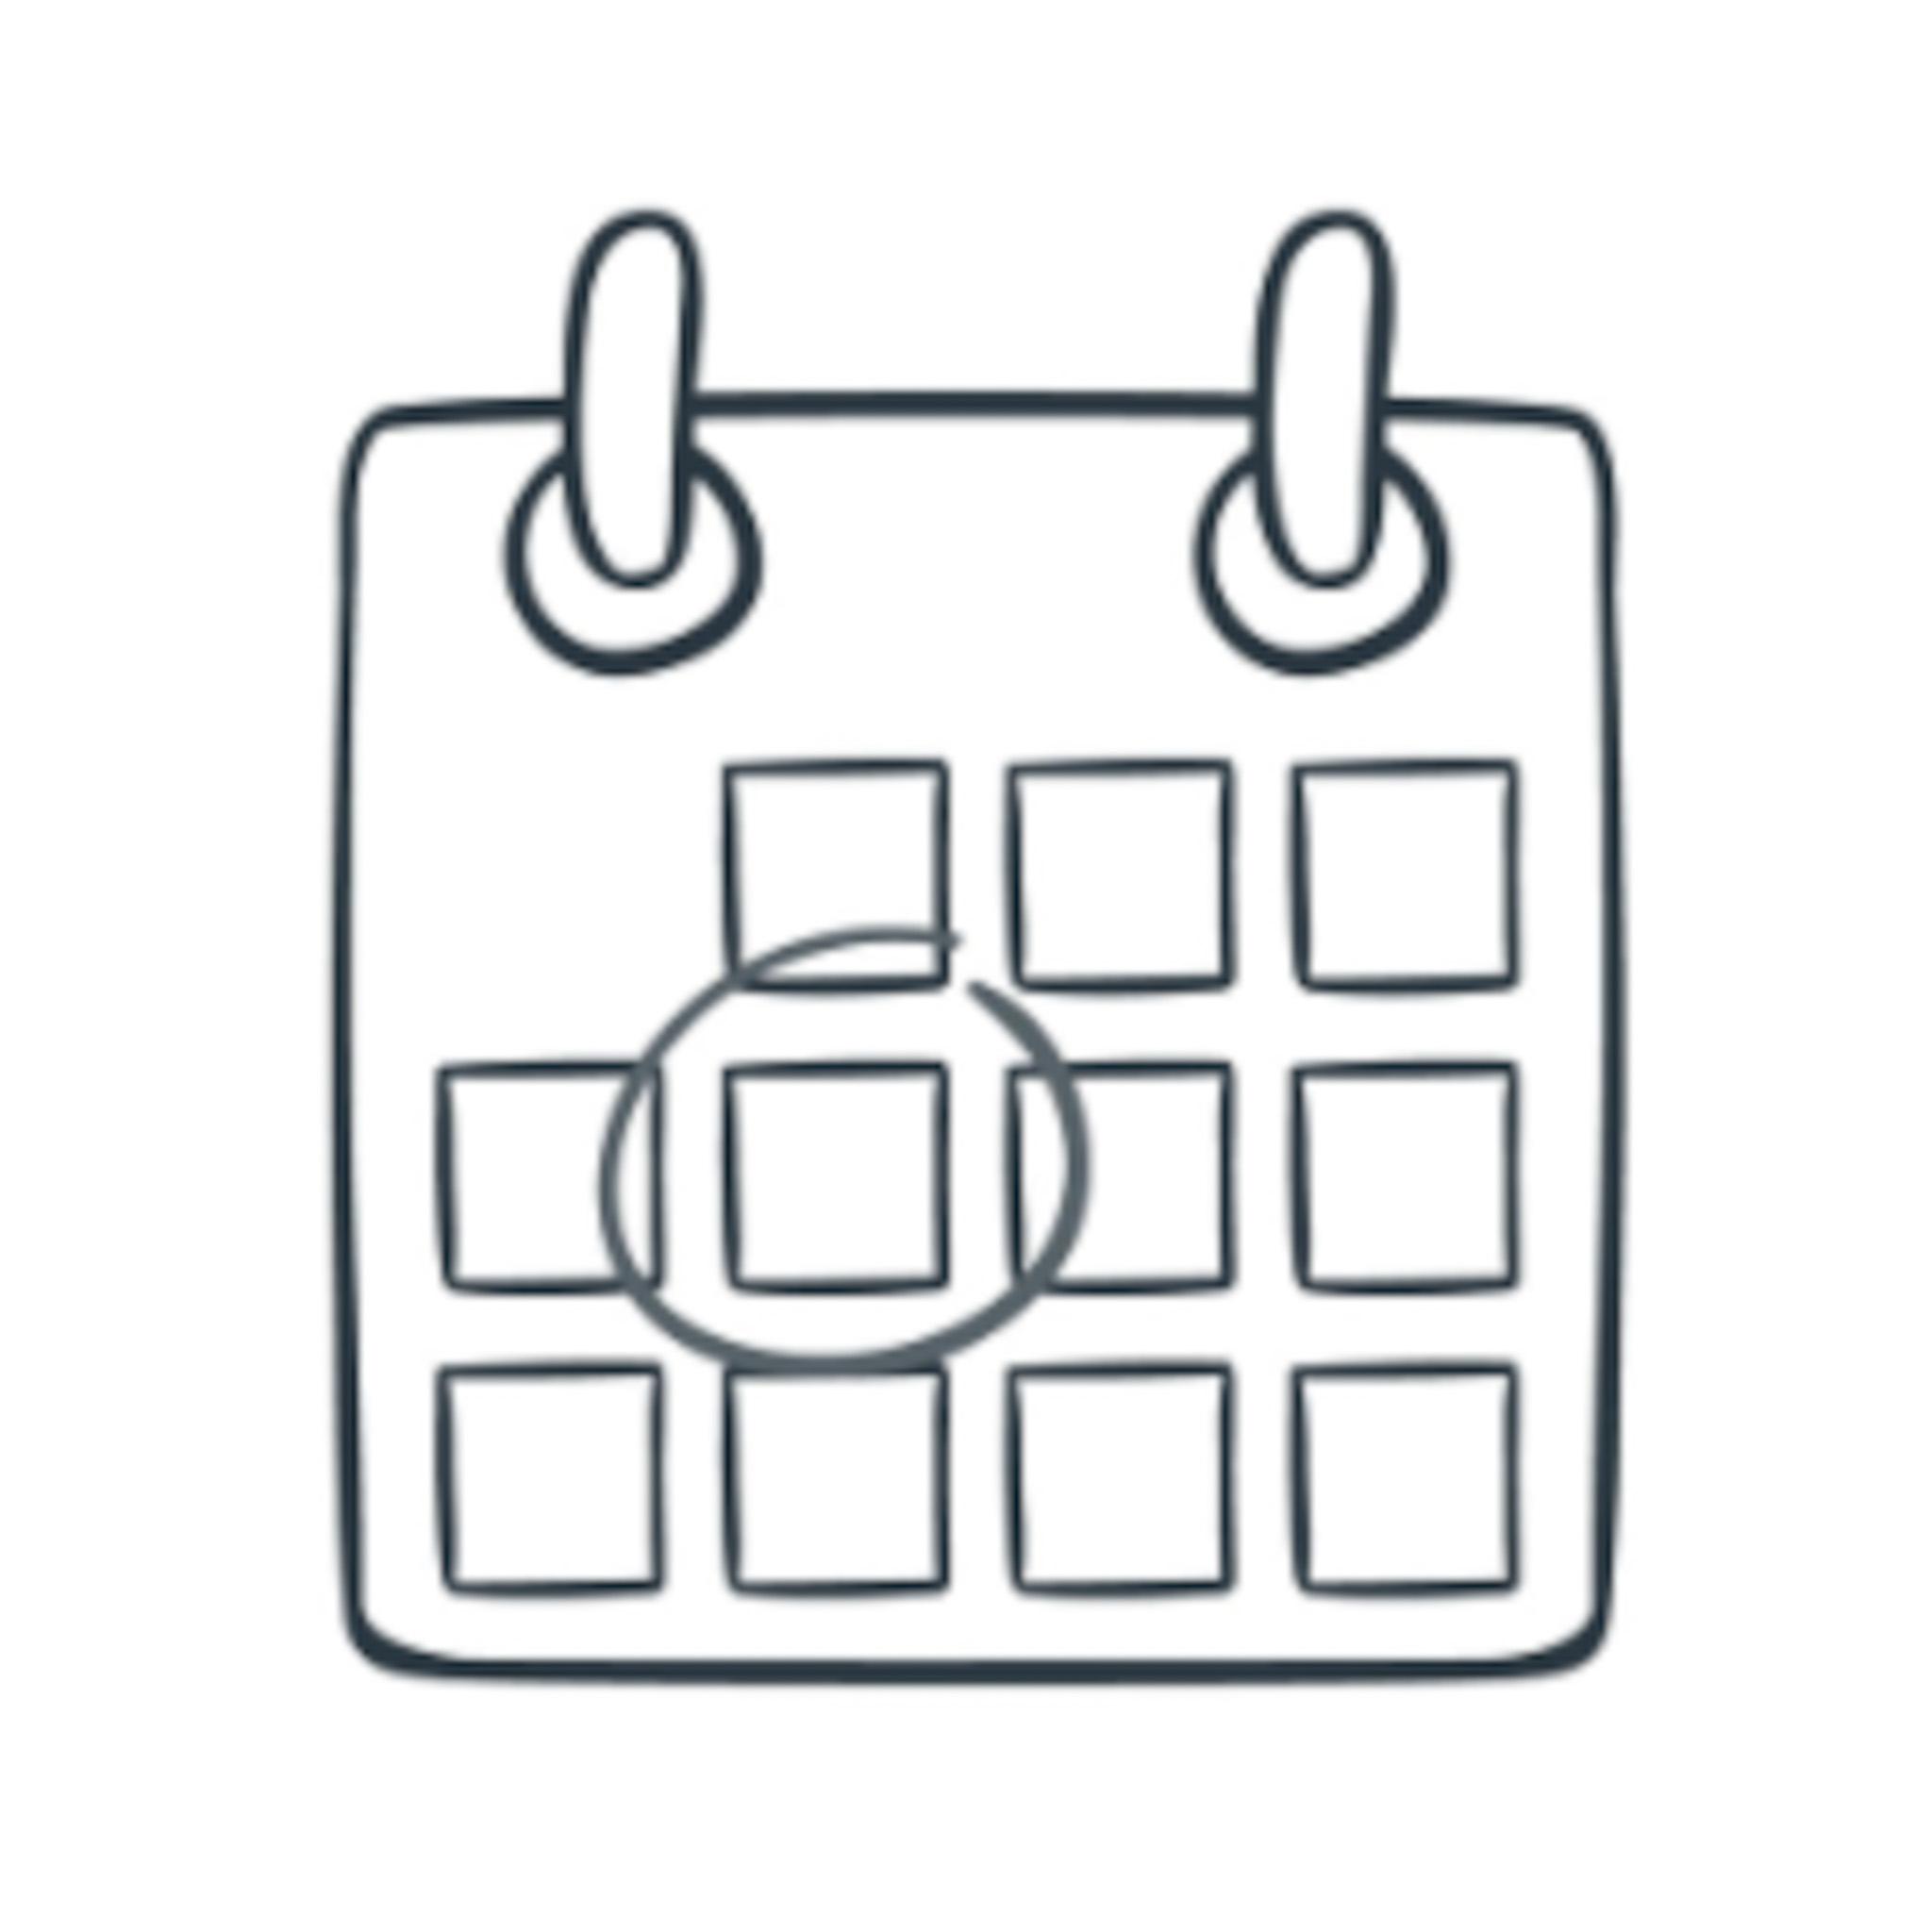 Row 1 Calendar